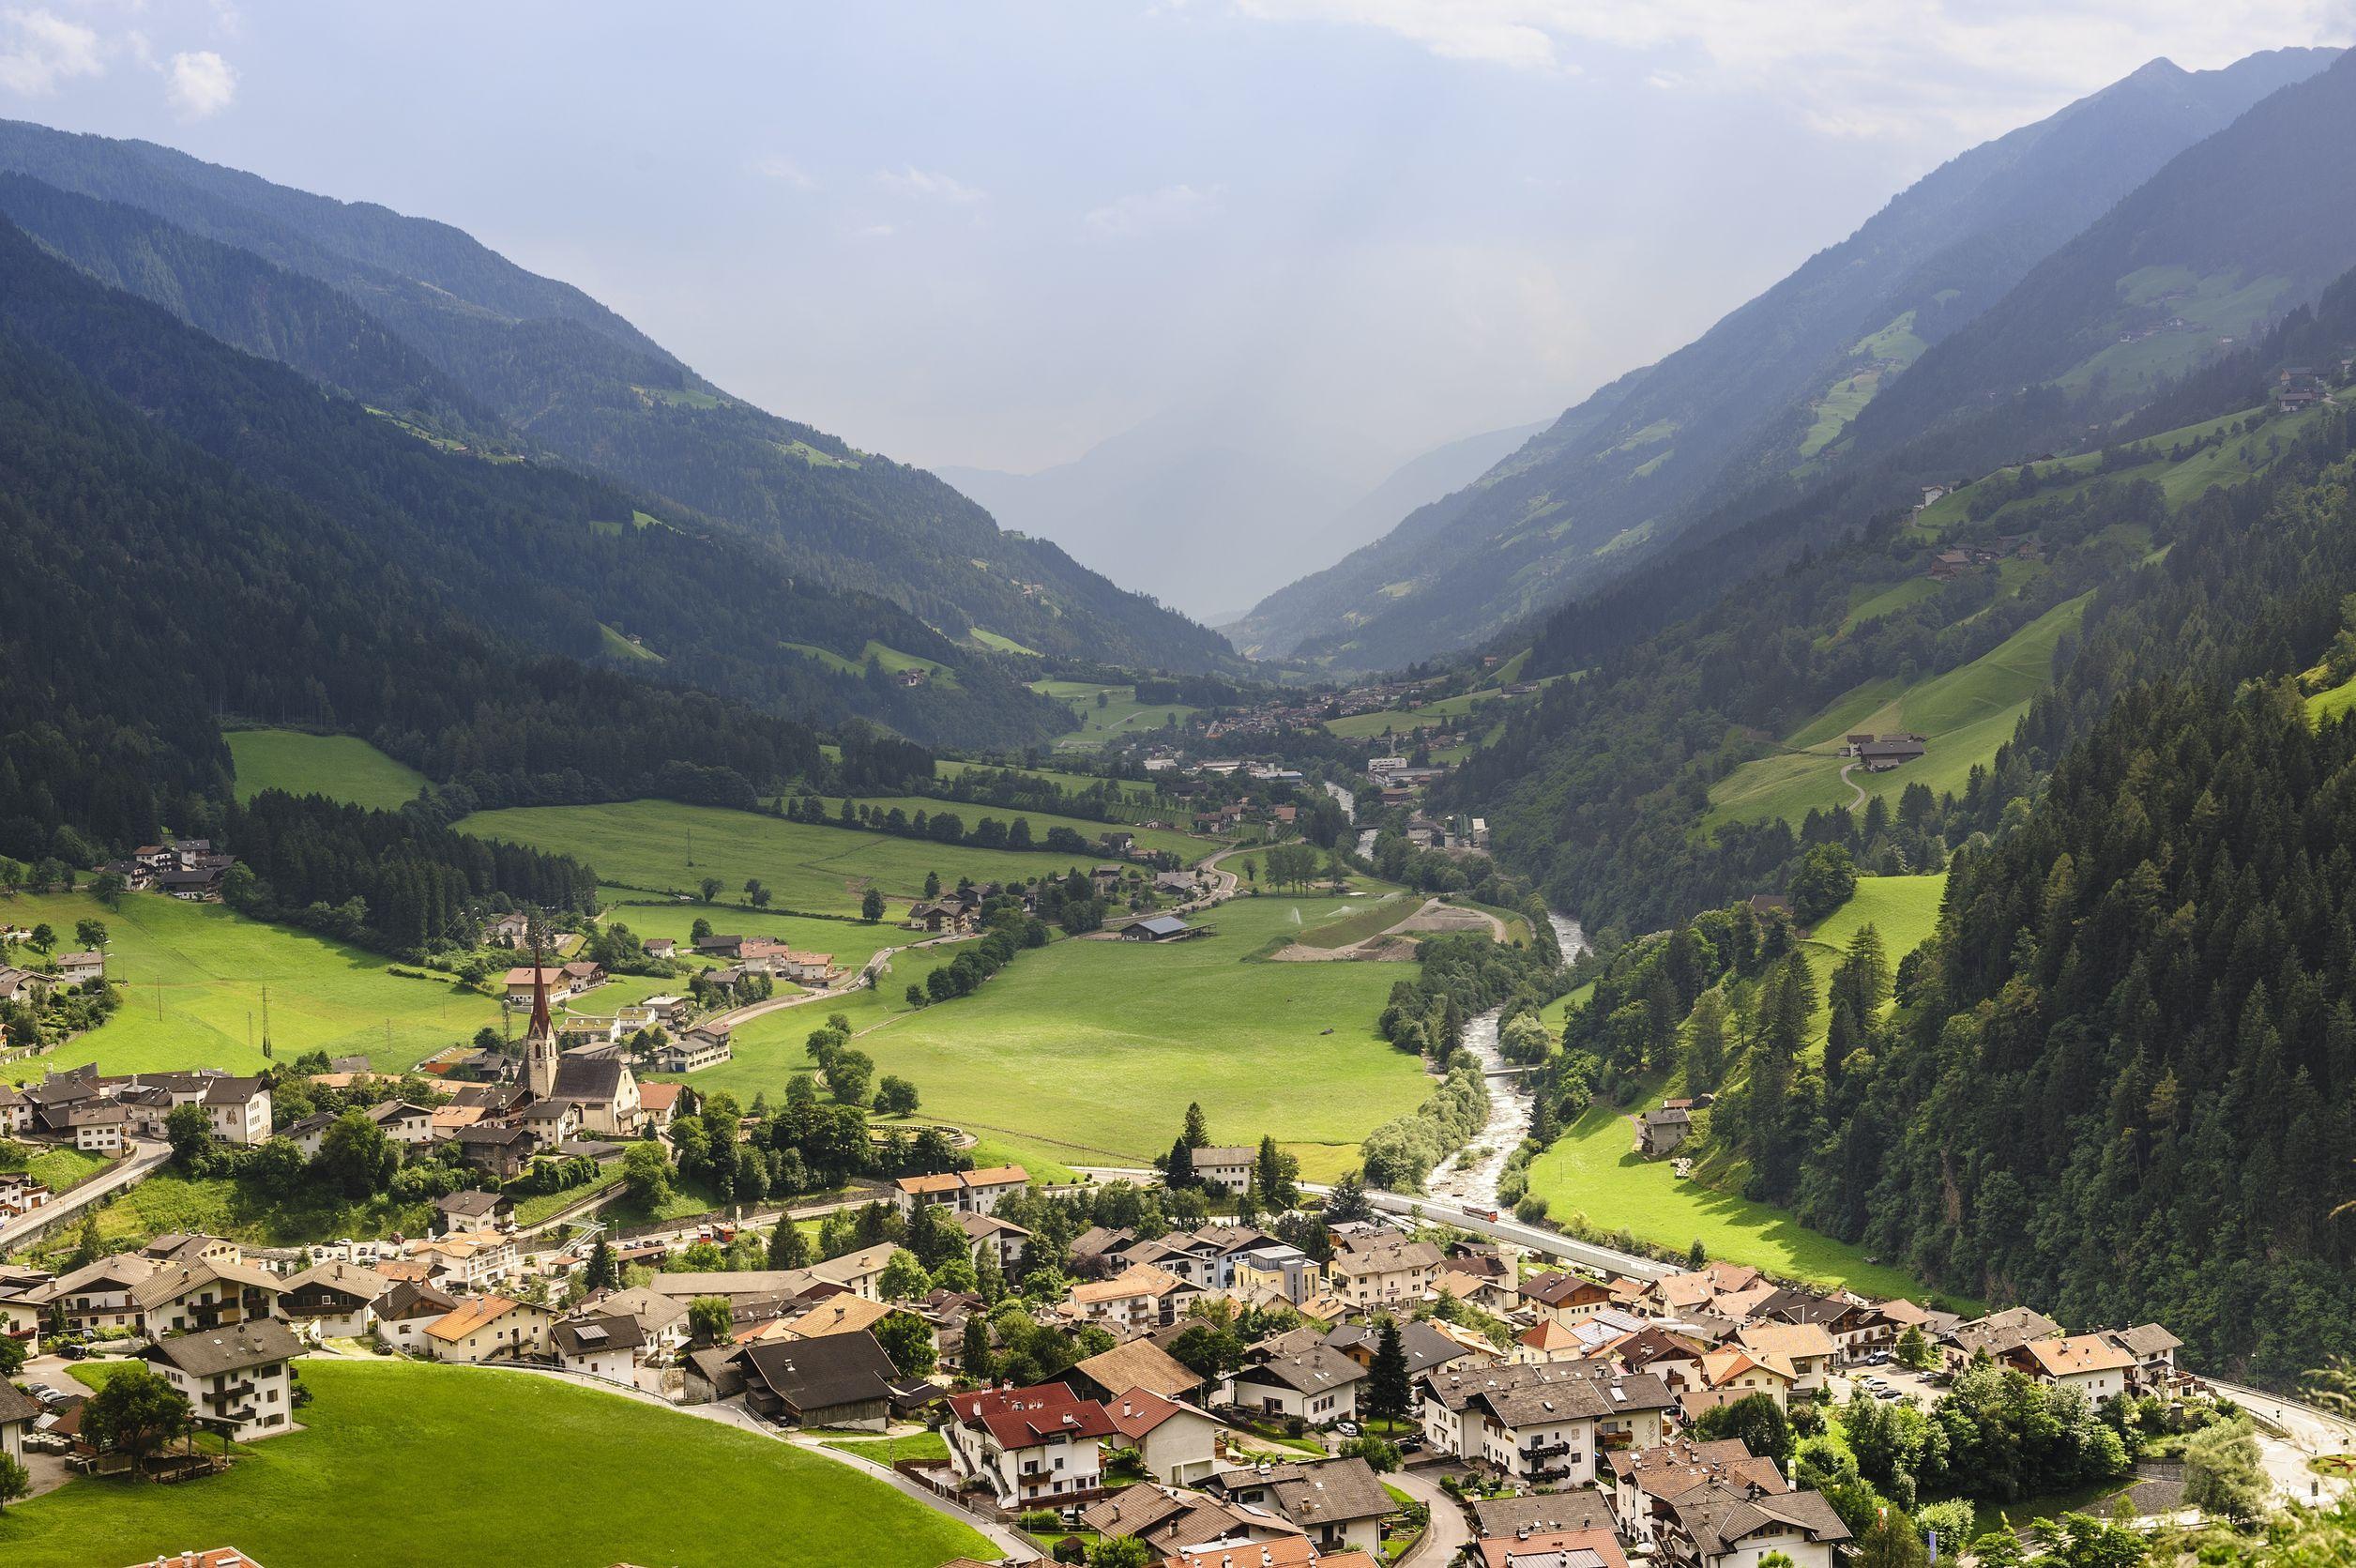 Le silenziose strade di Bolzano